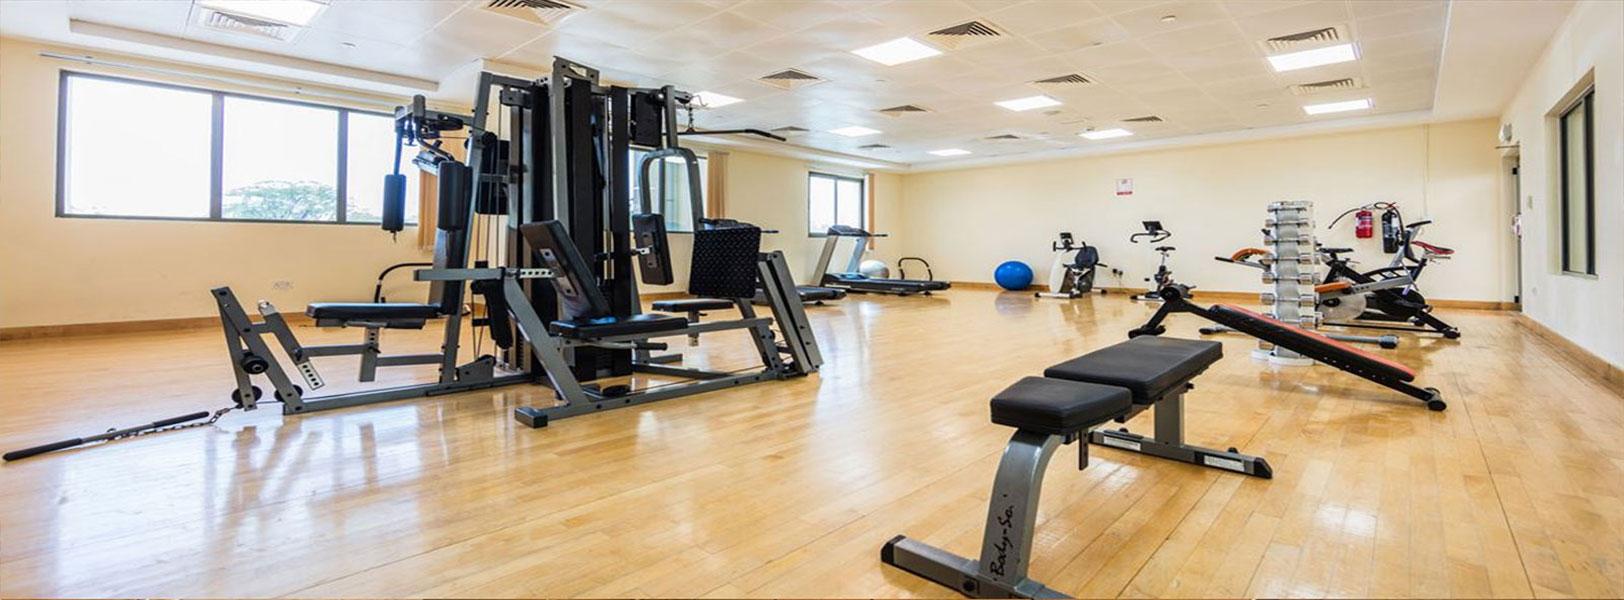 deyaar ruby residence amenities features8